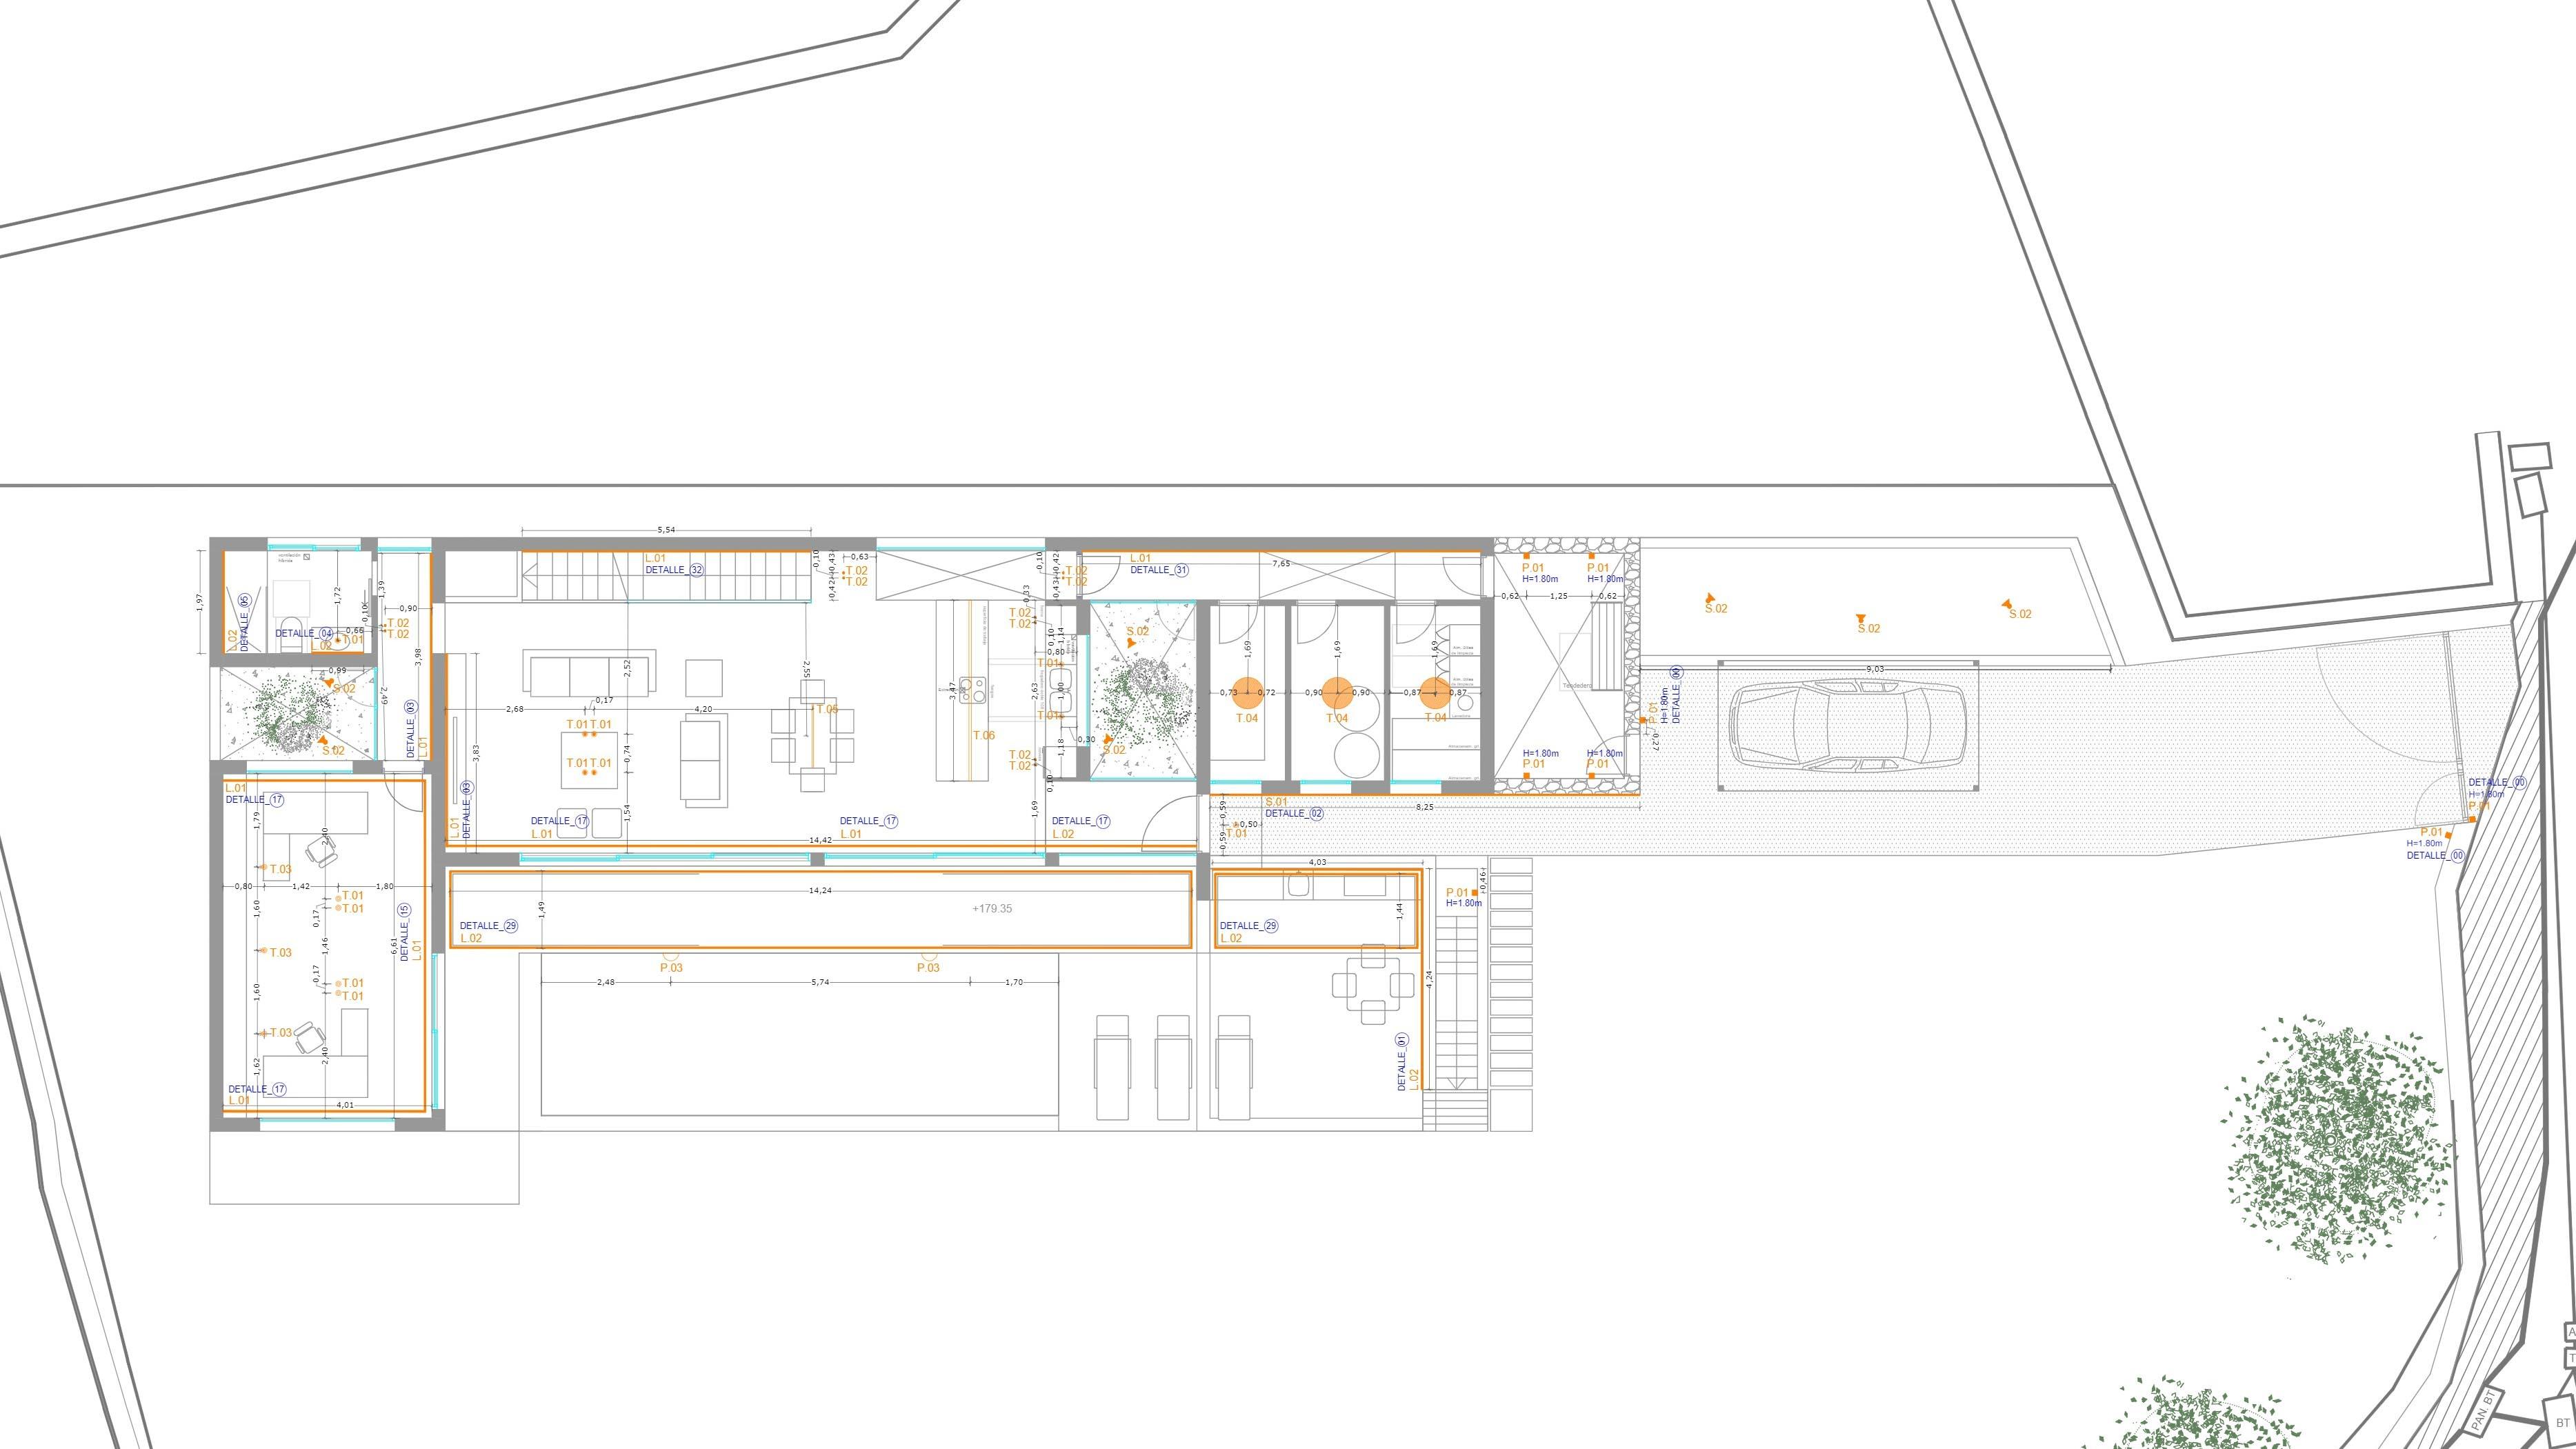 Plans MS 210312 001